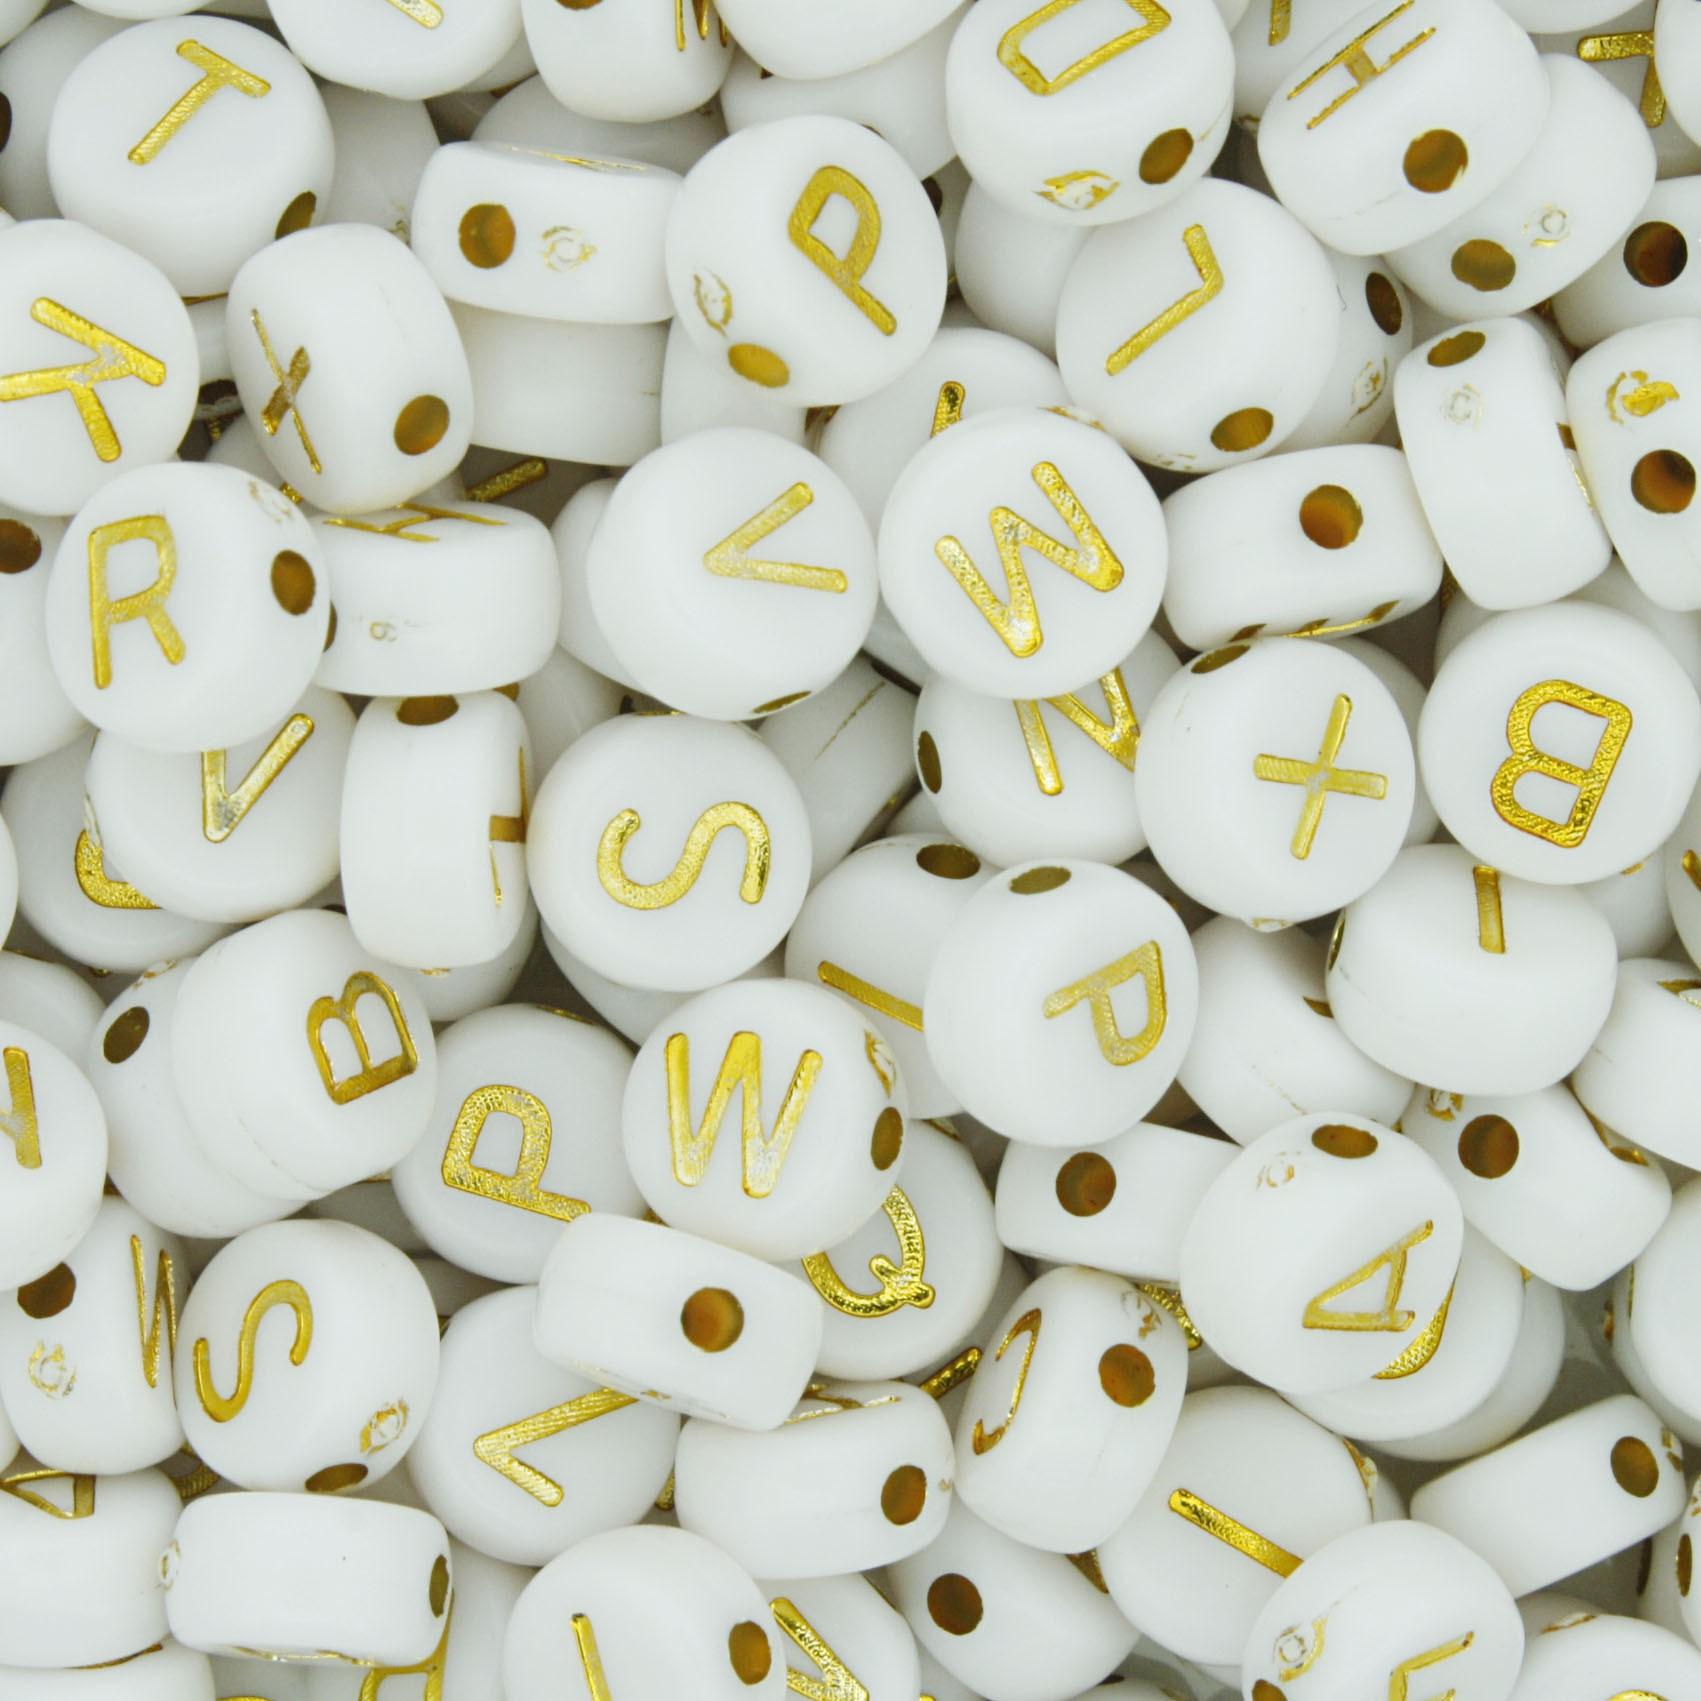 Miçanga - Letras Disco Branca e Dourada  - Stéphanie Bijoux® - Peças para Bijuterias e Artesanato